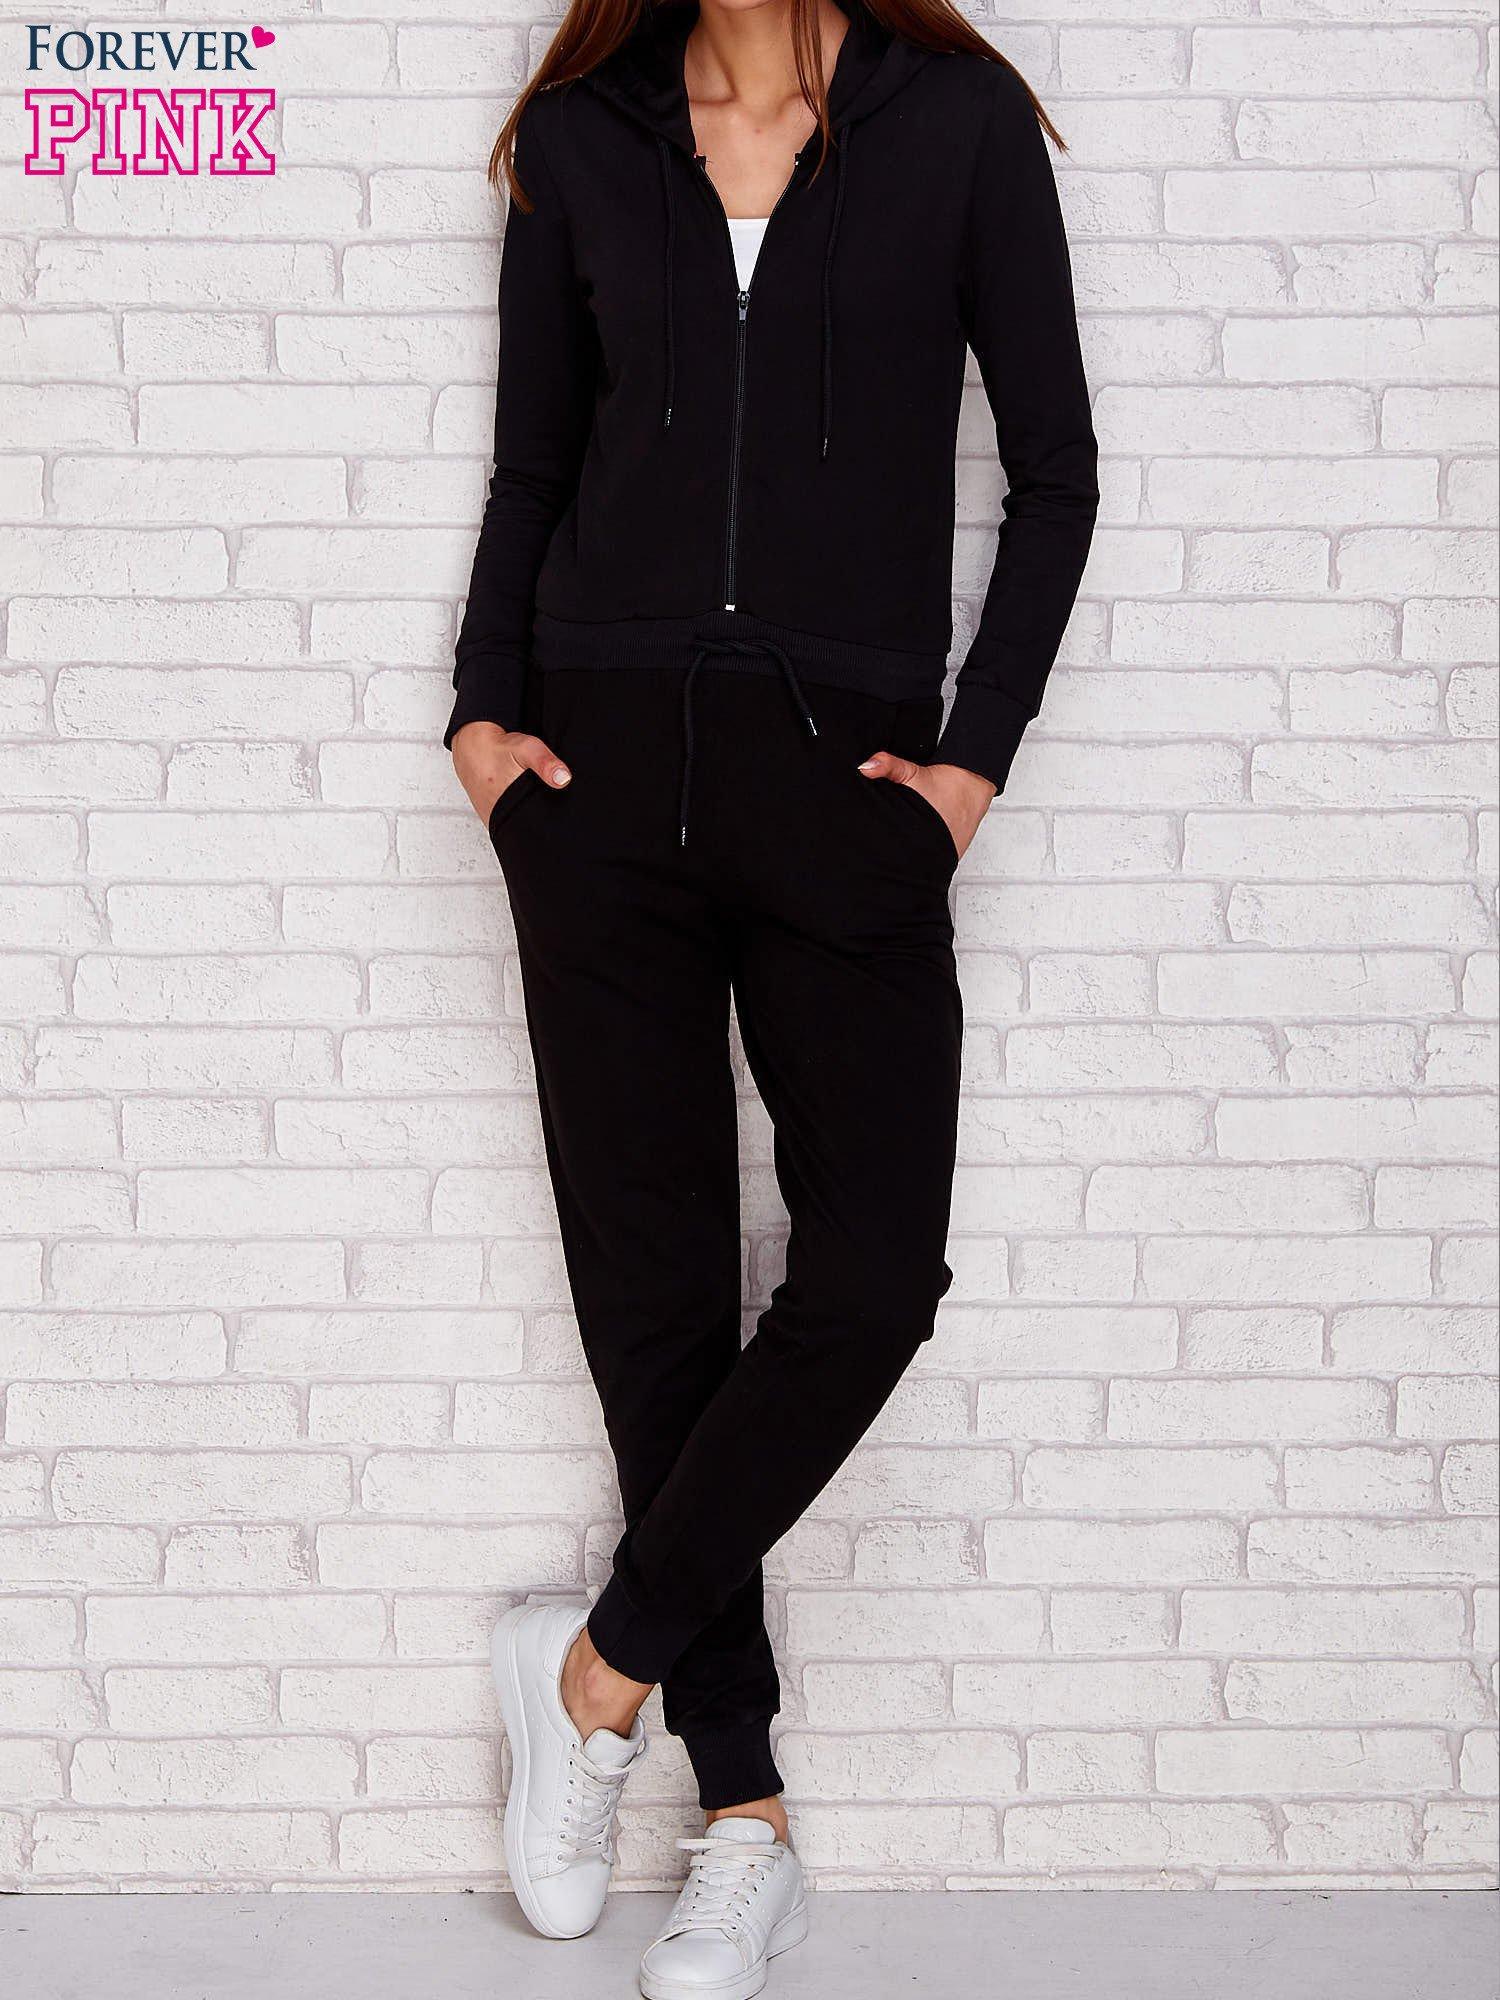 1b56dbfb0ec7d0 Kombinezon dresowy z kapturem czarny - Spodnie Kombinezony - sklep ...